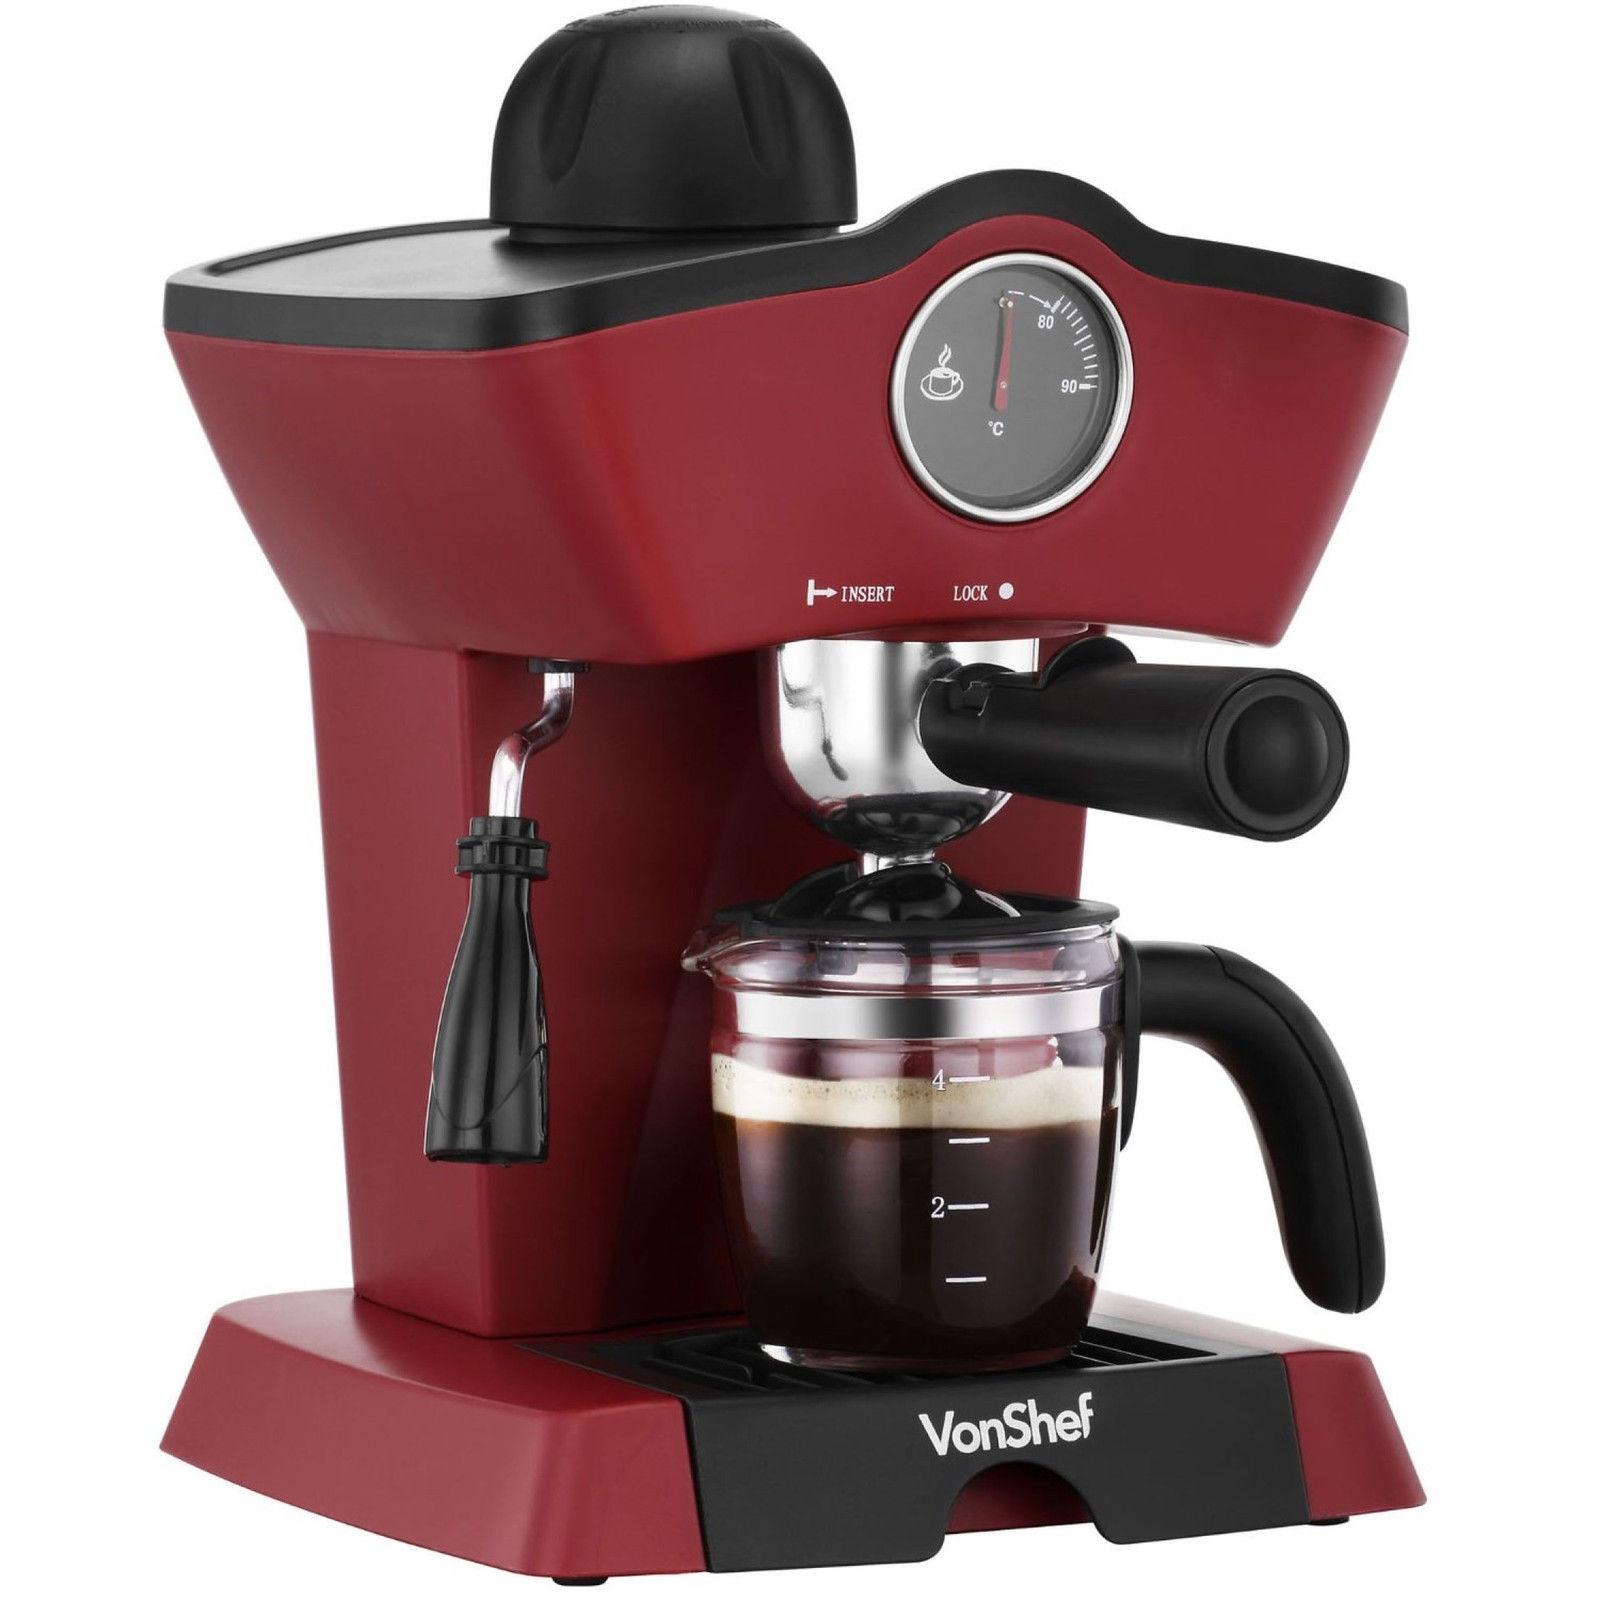 Vonshef Coffee Machines Kitchen Buy Online From Fishpondconz